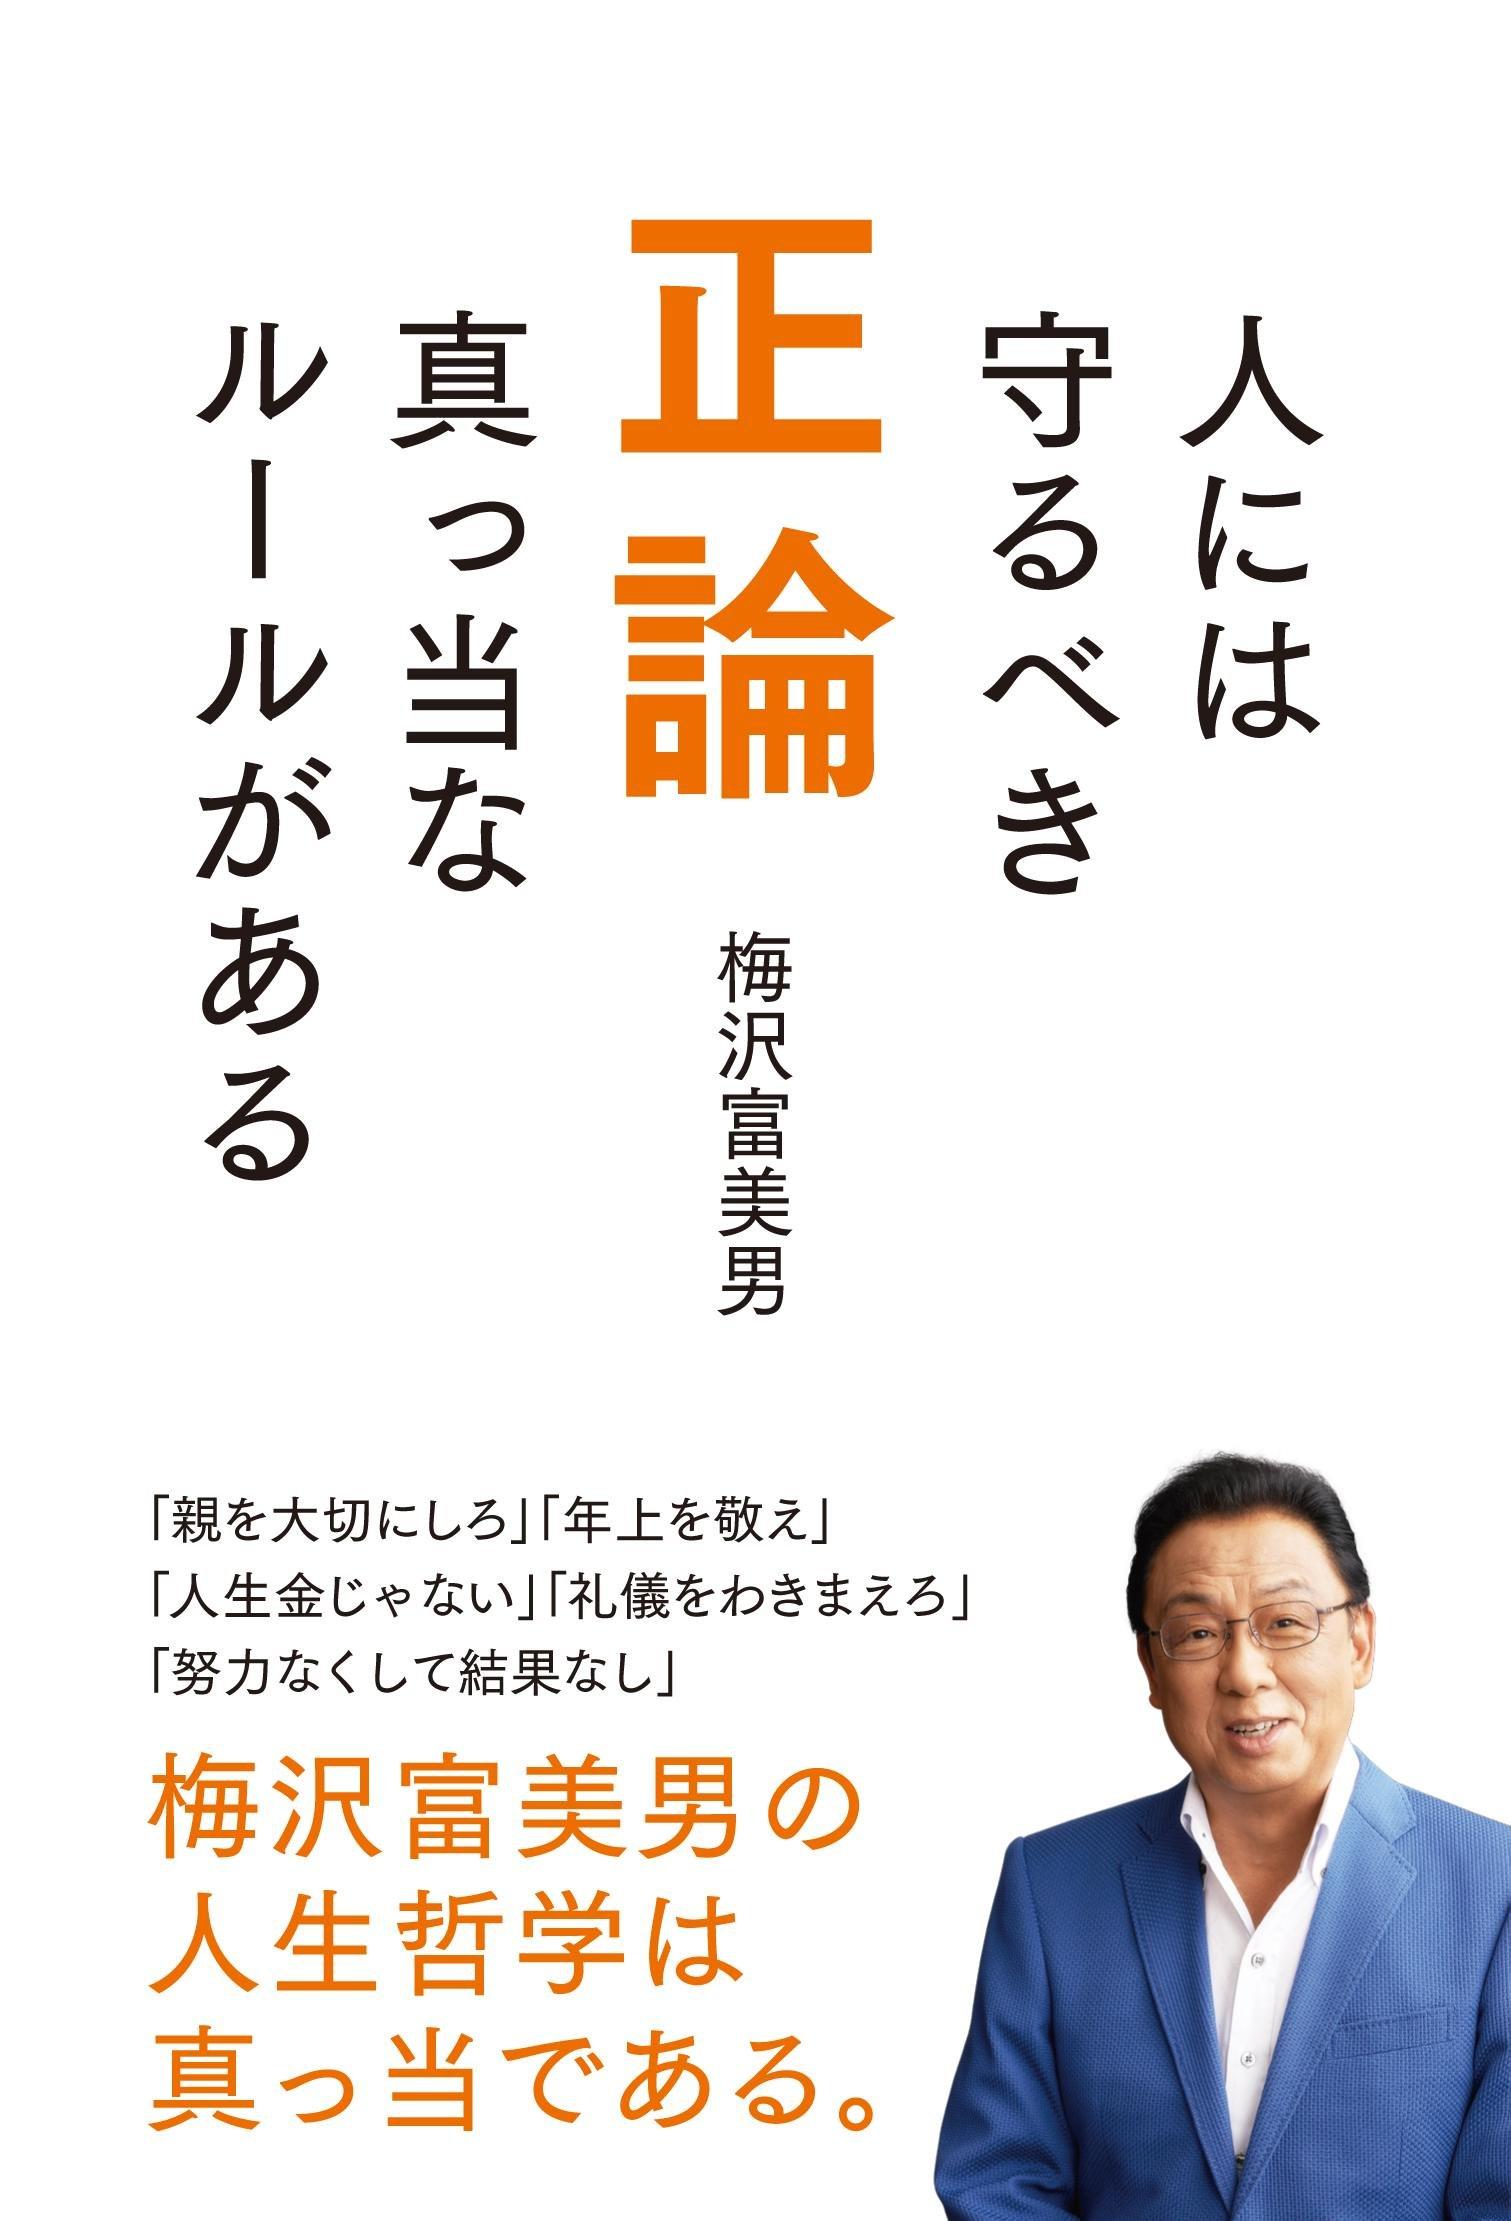 正論 ~人には守るべき真っ当なルールがある 梅沢富美男 (著)